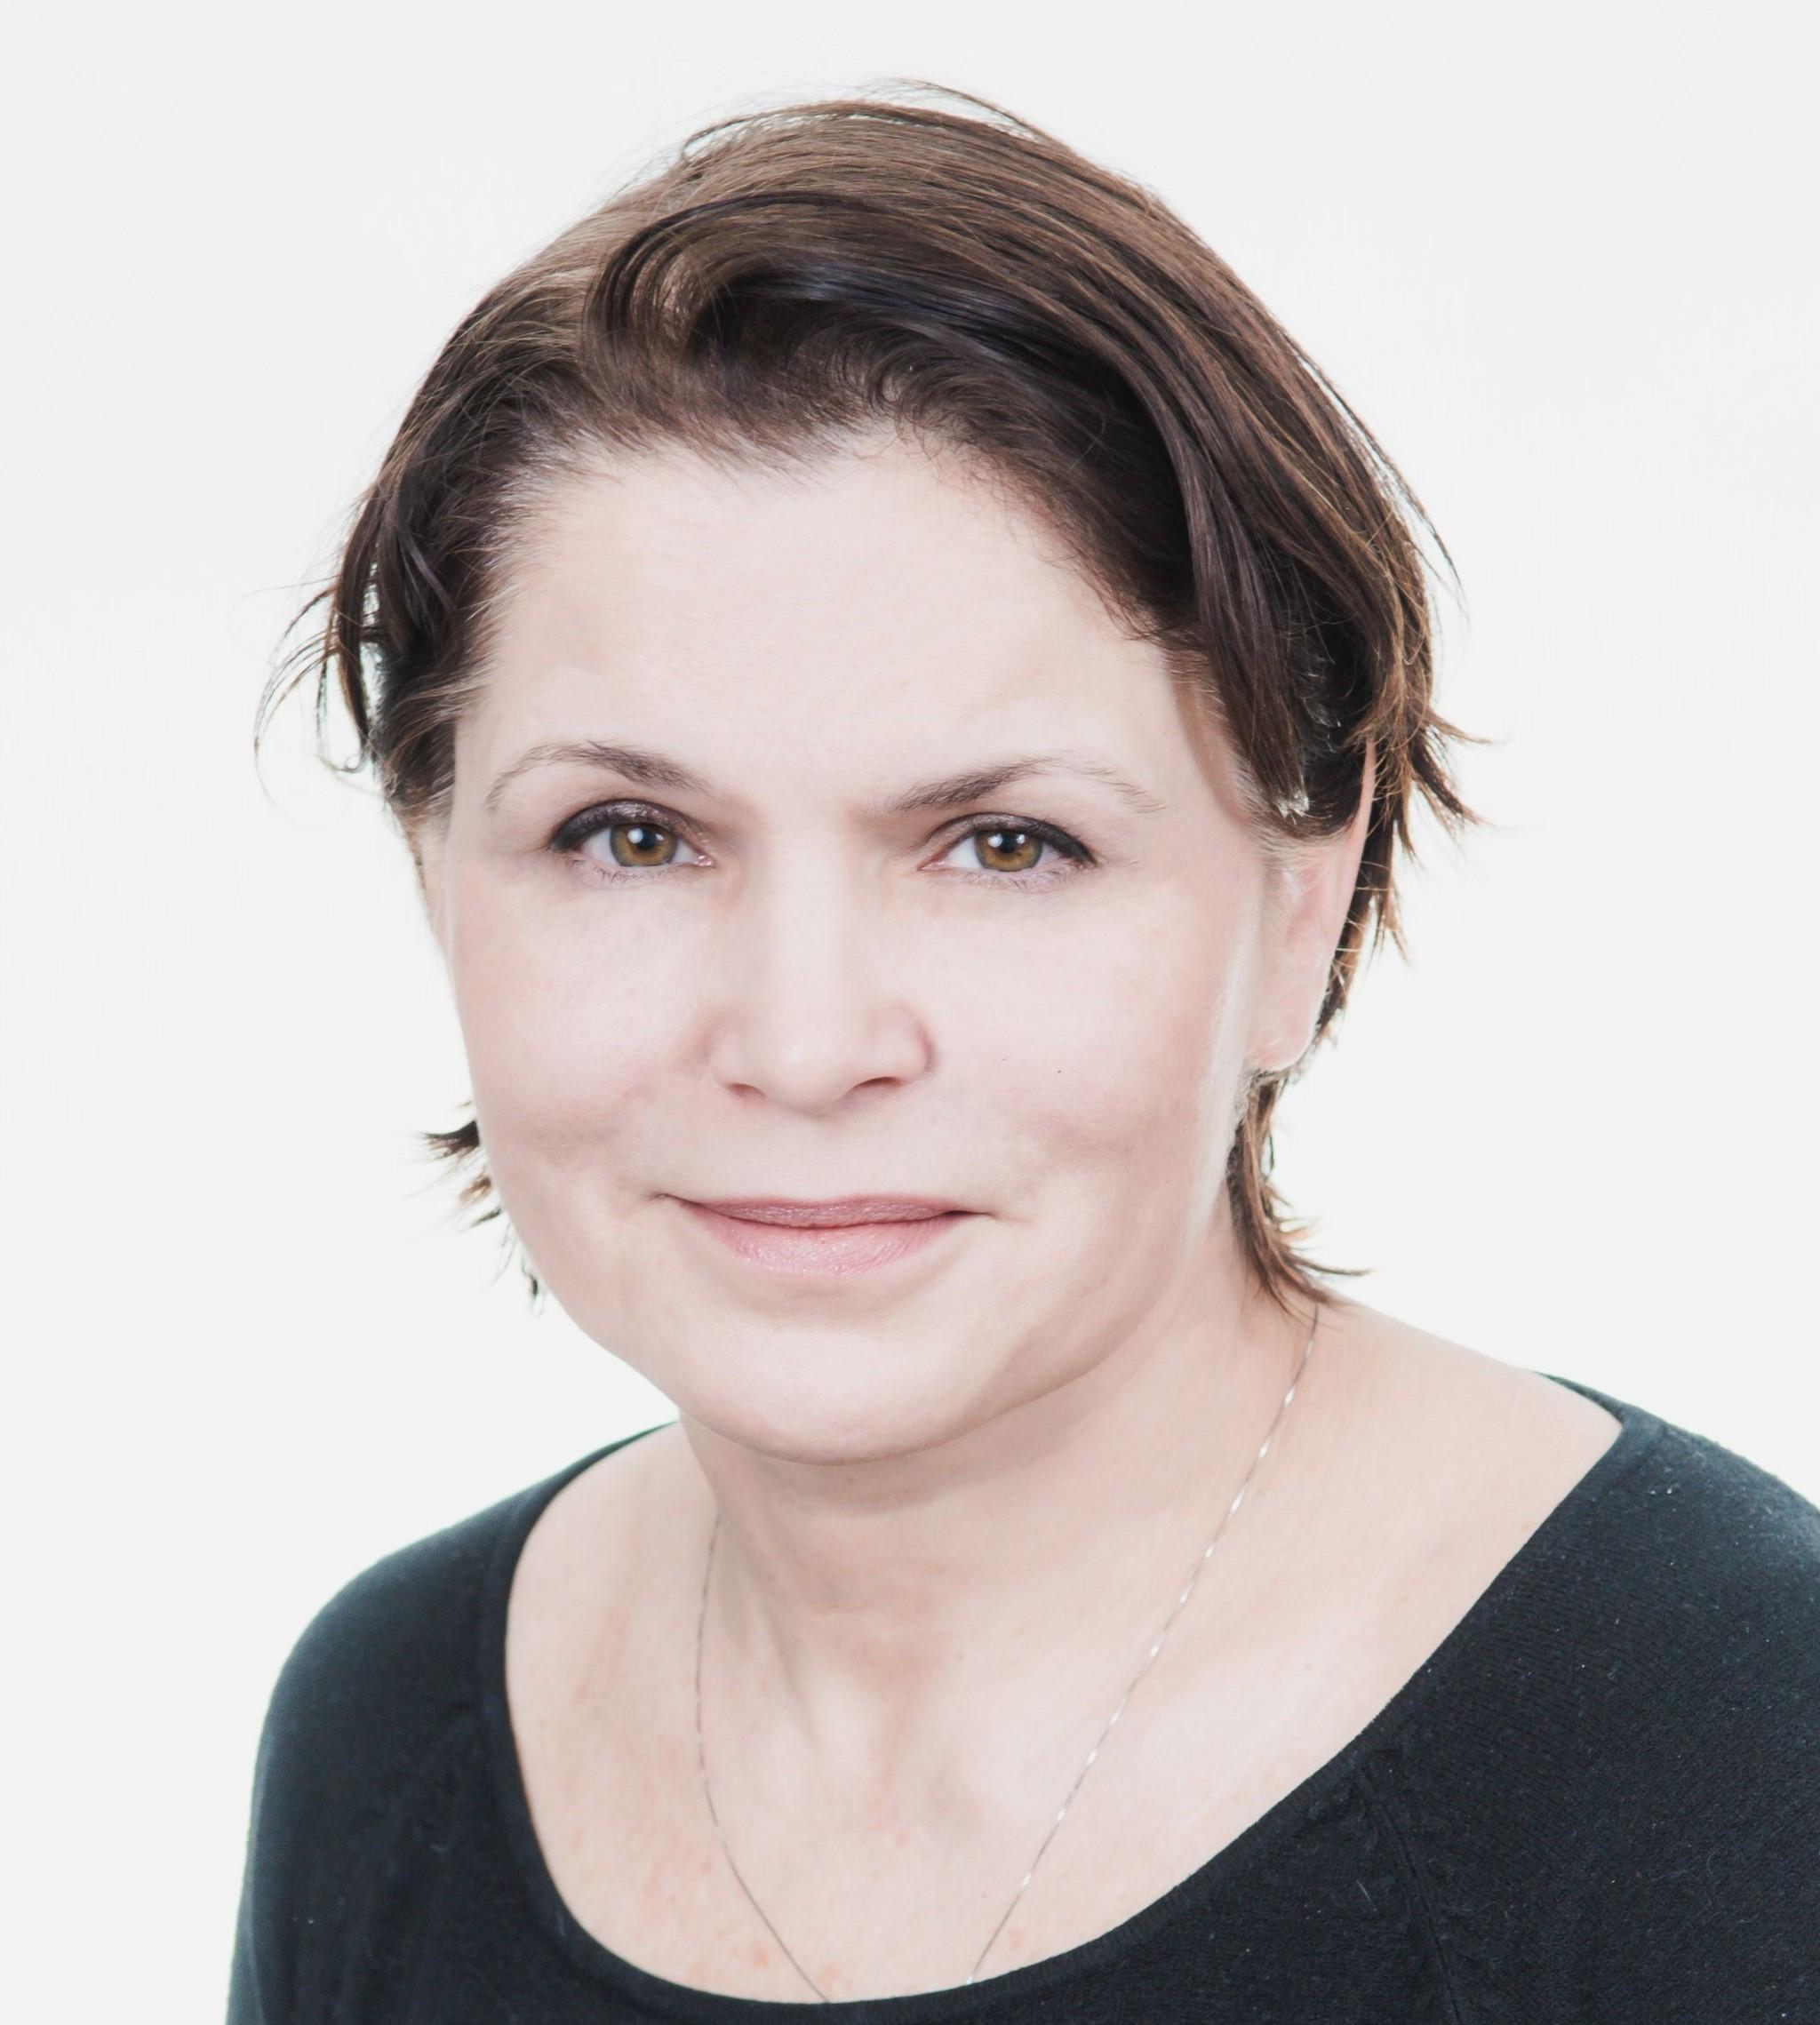 Liliana Major-Machnacka